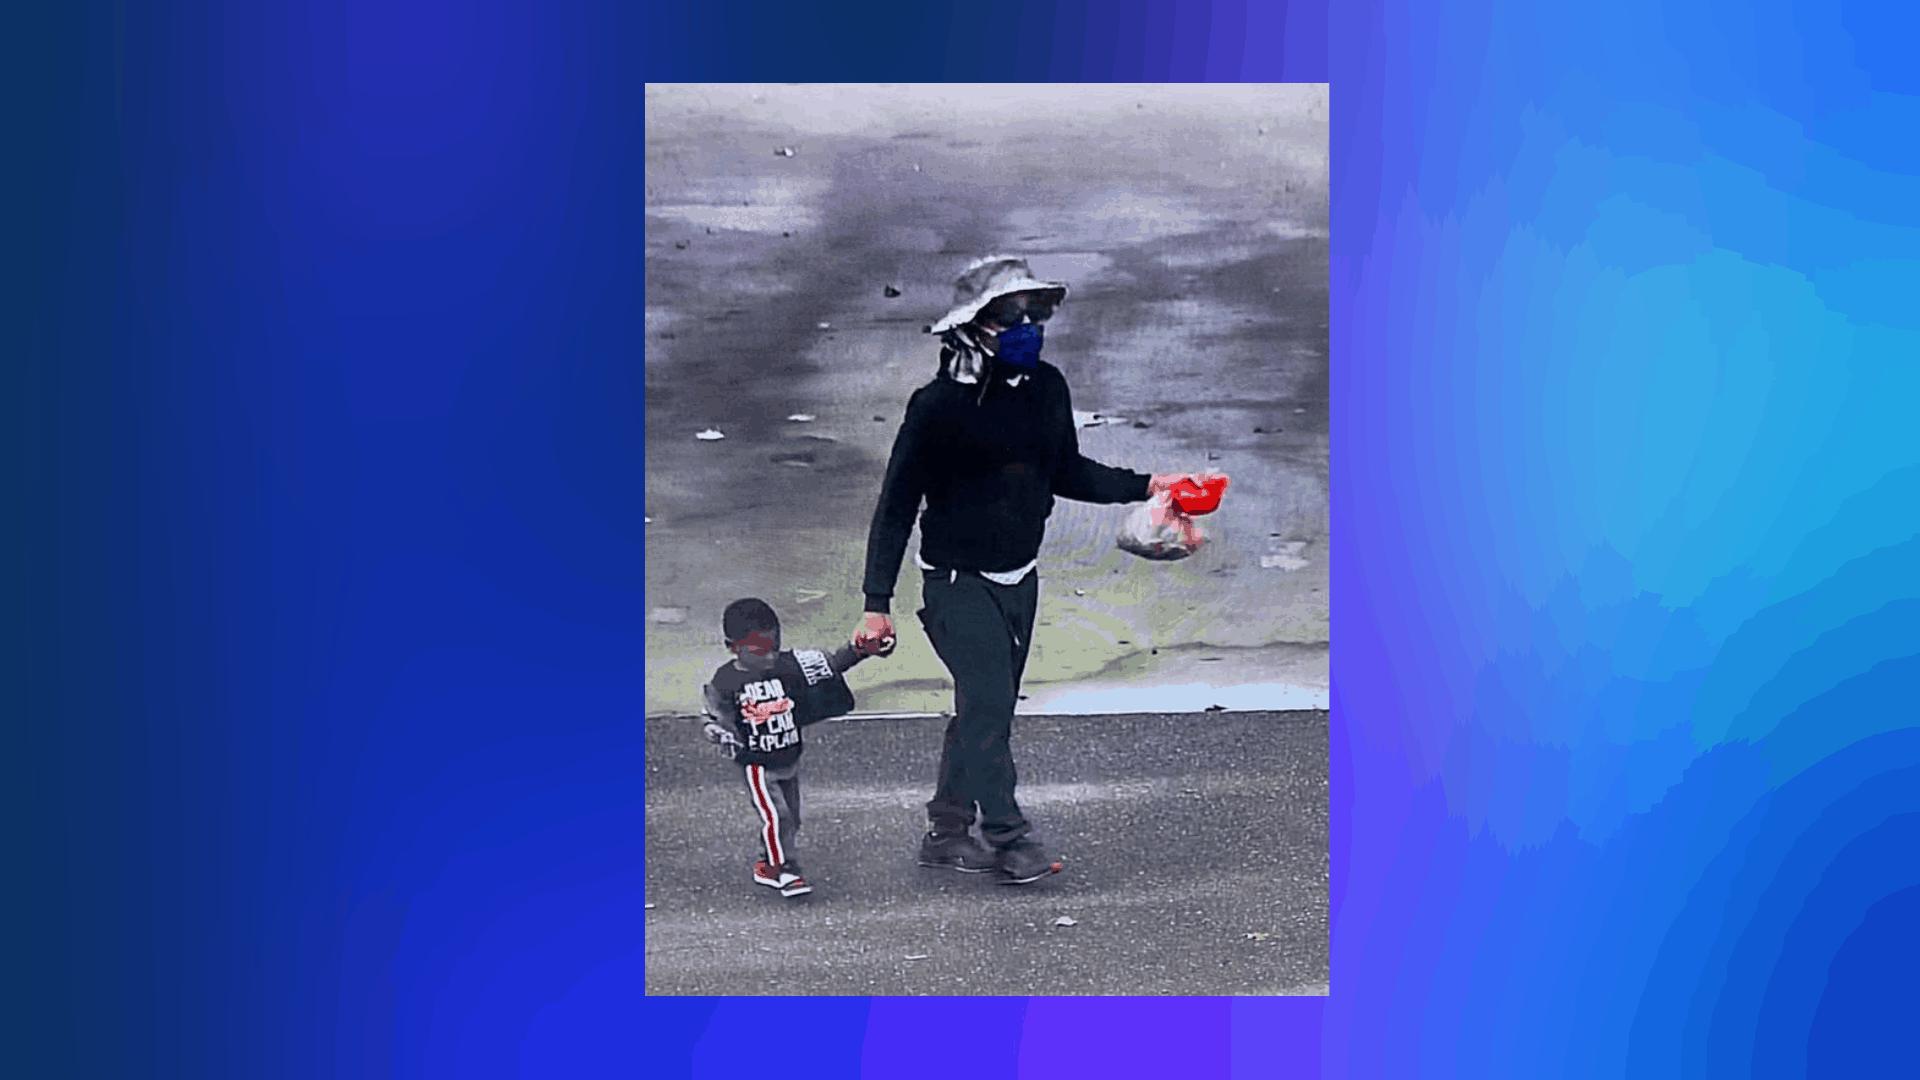 Un niño de 2 años fue abandonado afuera de una tienda de donaciones Goodwill en Mississippi   Local by Facundo Valdez